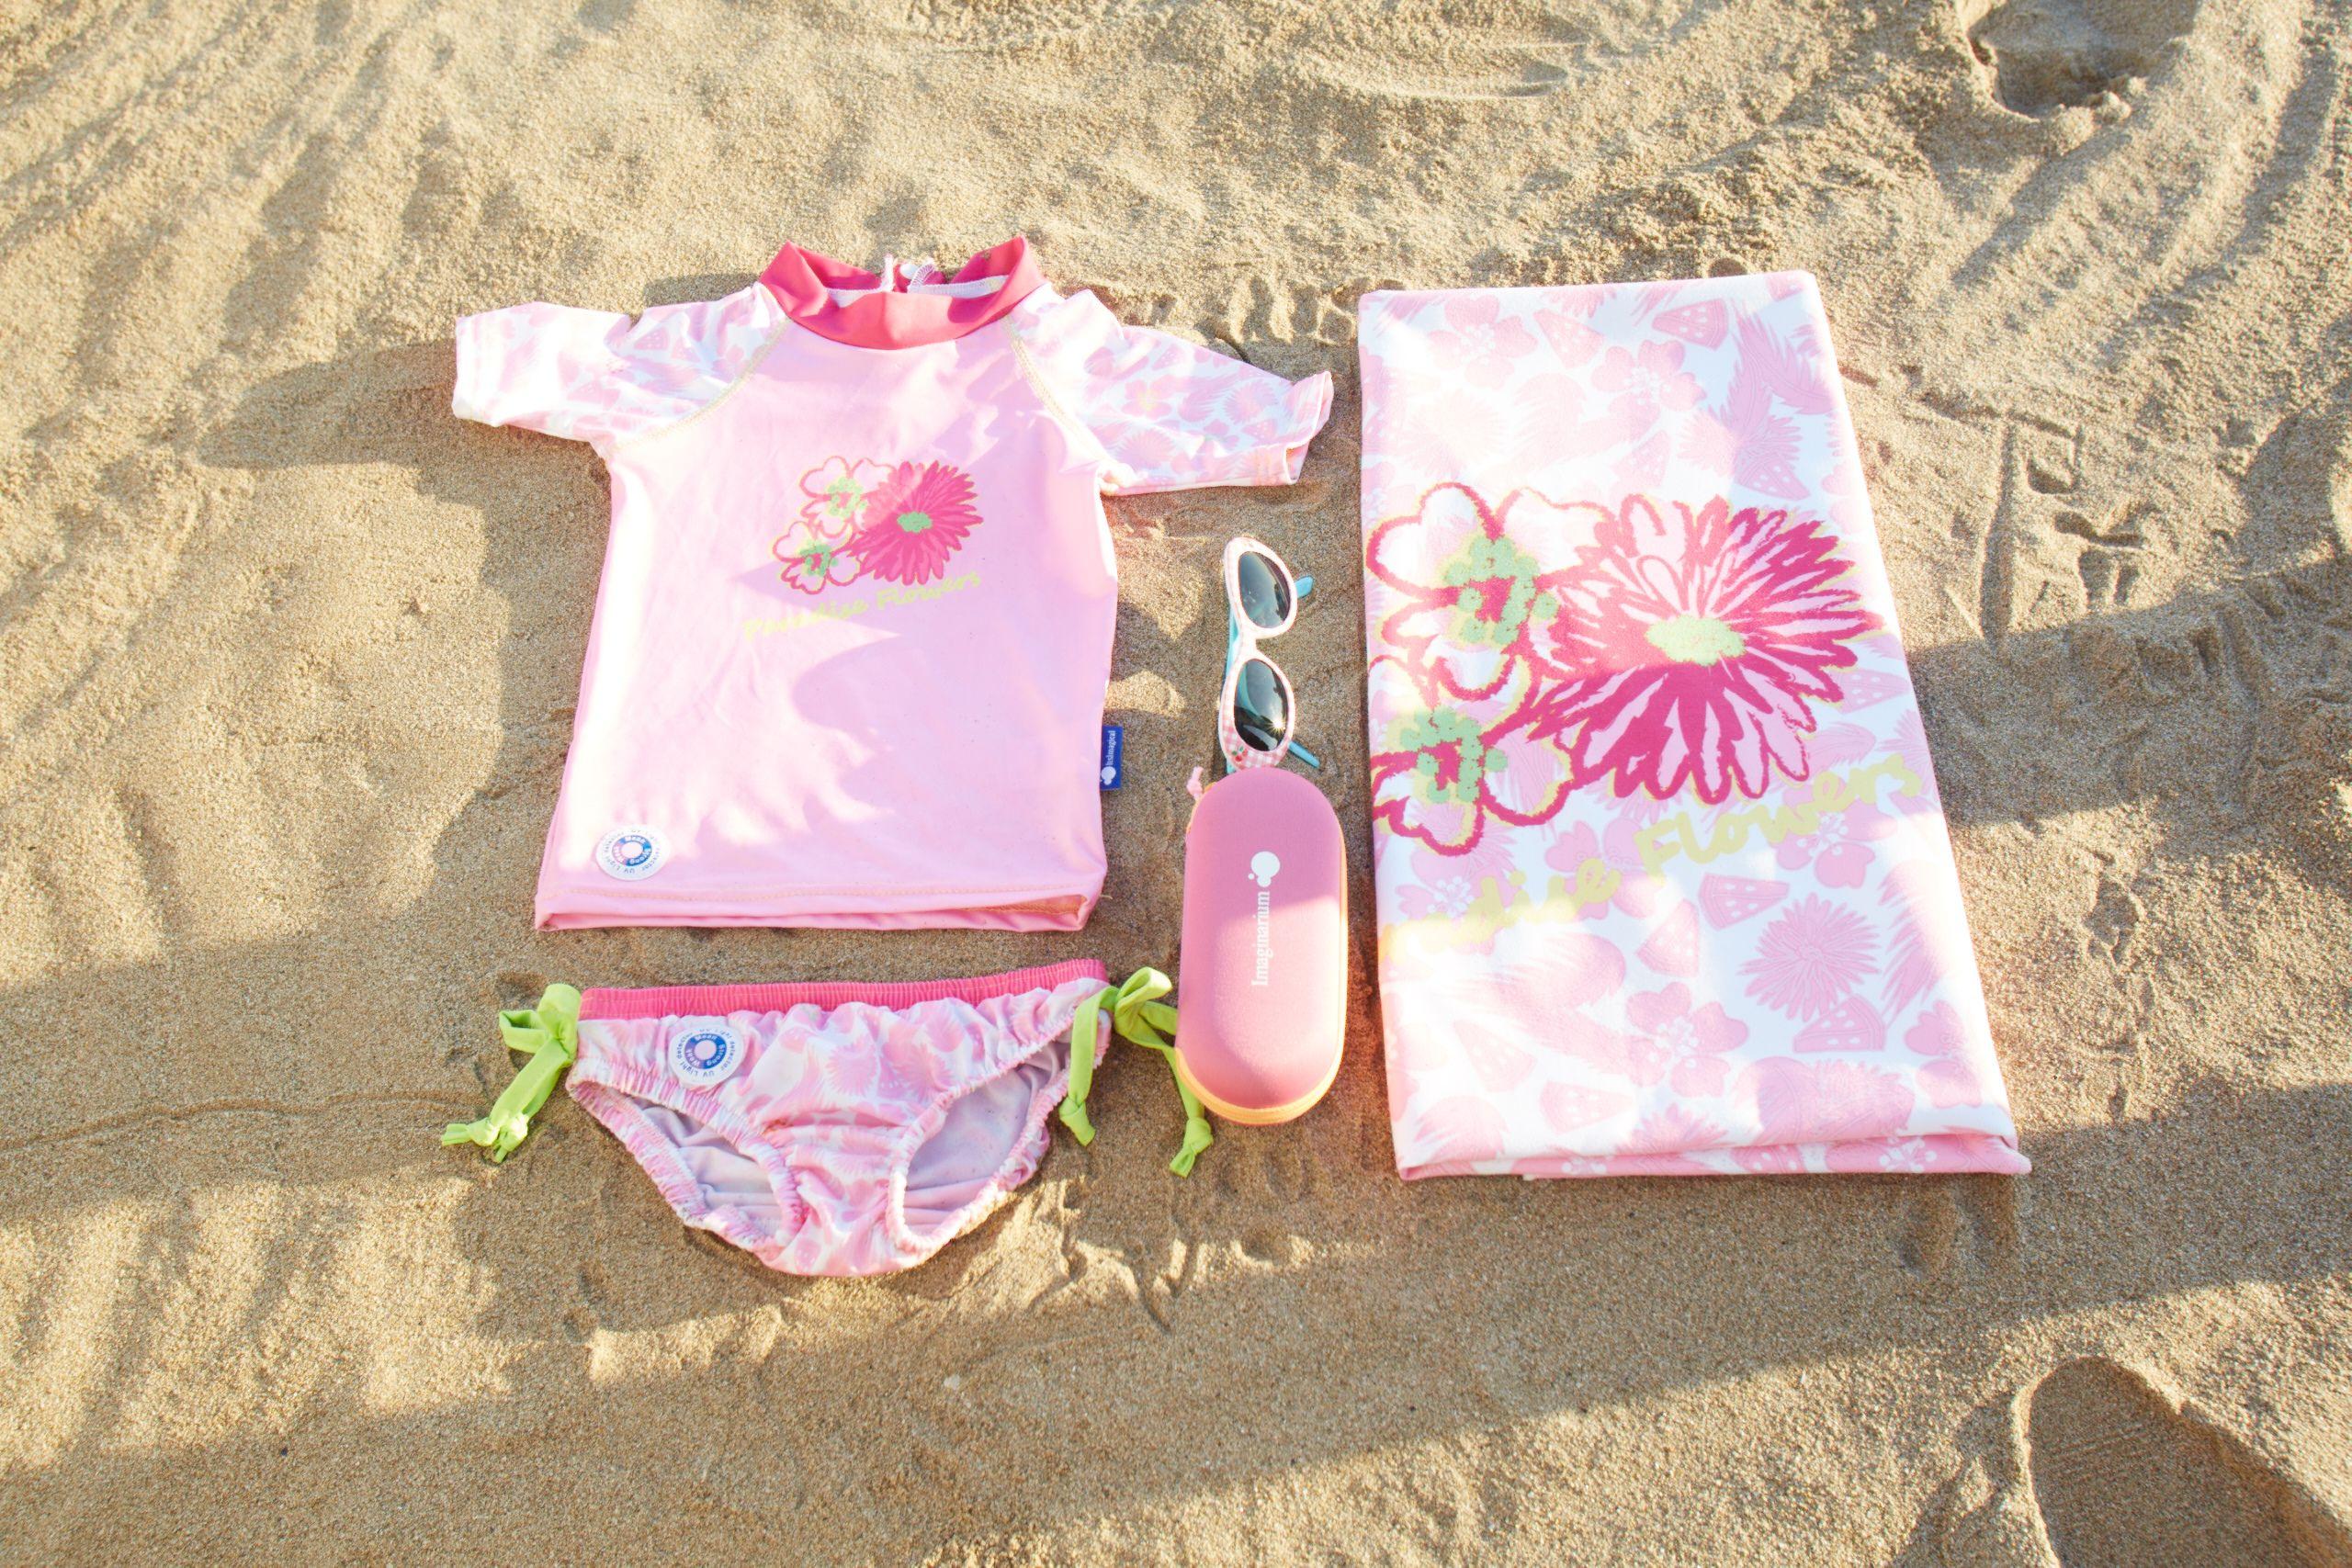 bef3266b7 Conjunto de playa para bebé de Imaginarium.  bañador  bebe  toalla  playa